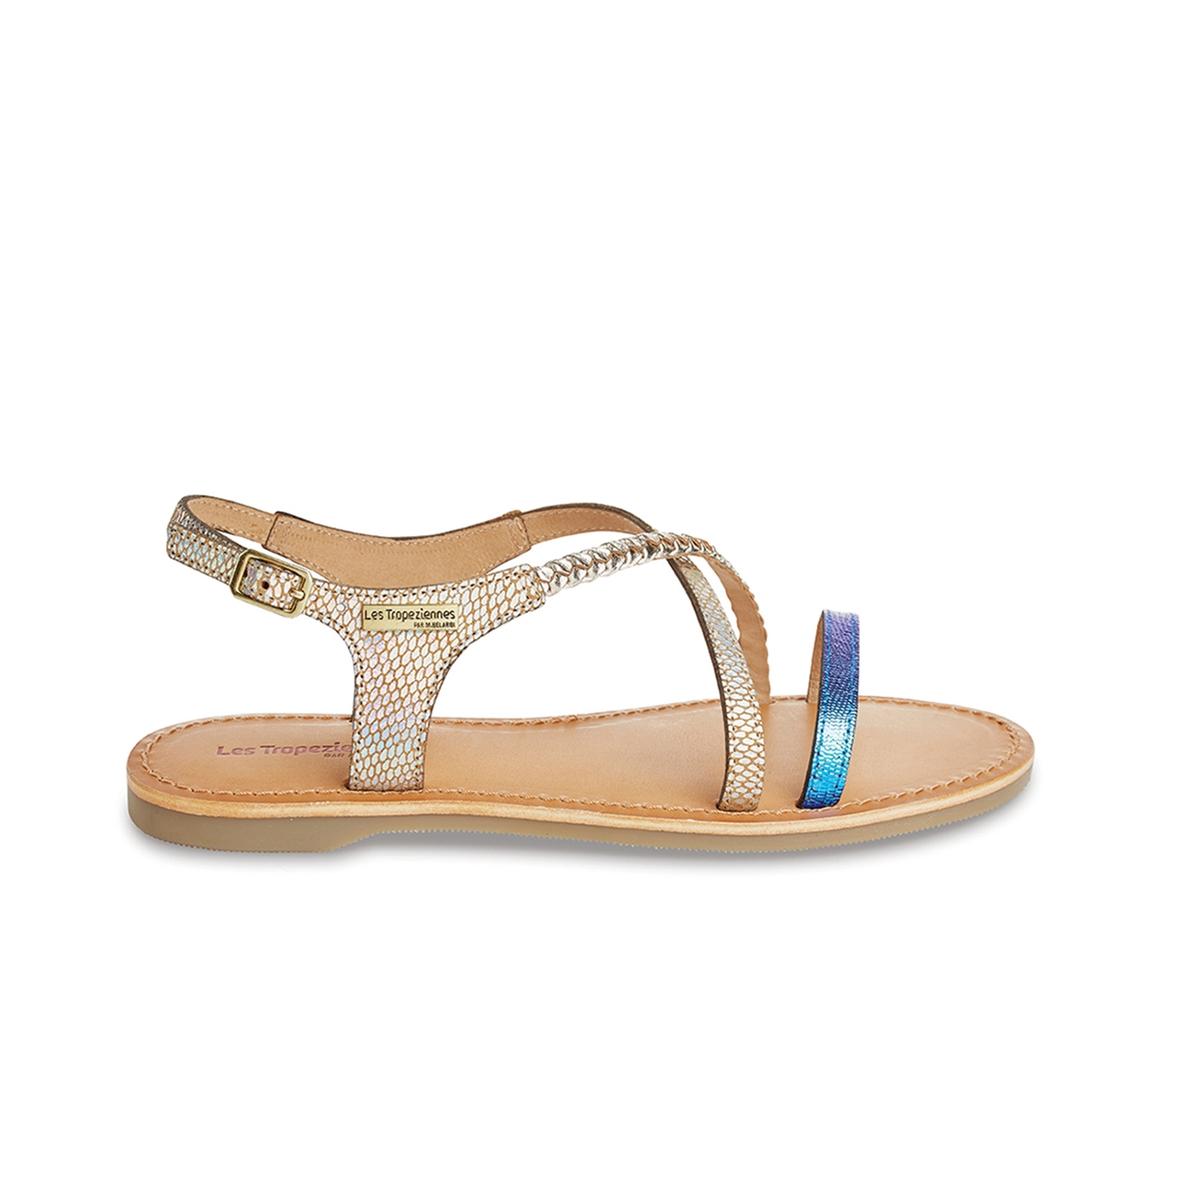 Сандалии Horse, на полоском каблуке, из кожиОчаровательные и оригинальные сандалии с минималистским дизайном подарят вам настоящее наслаждение этим летом в сочетании с любыми шортами, юбками и платьями...<br><br>Цвет: бежевый/ синий<br>Размер: 37.41